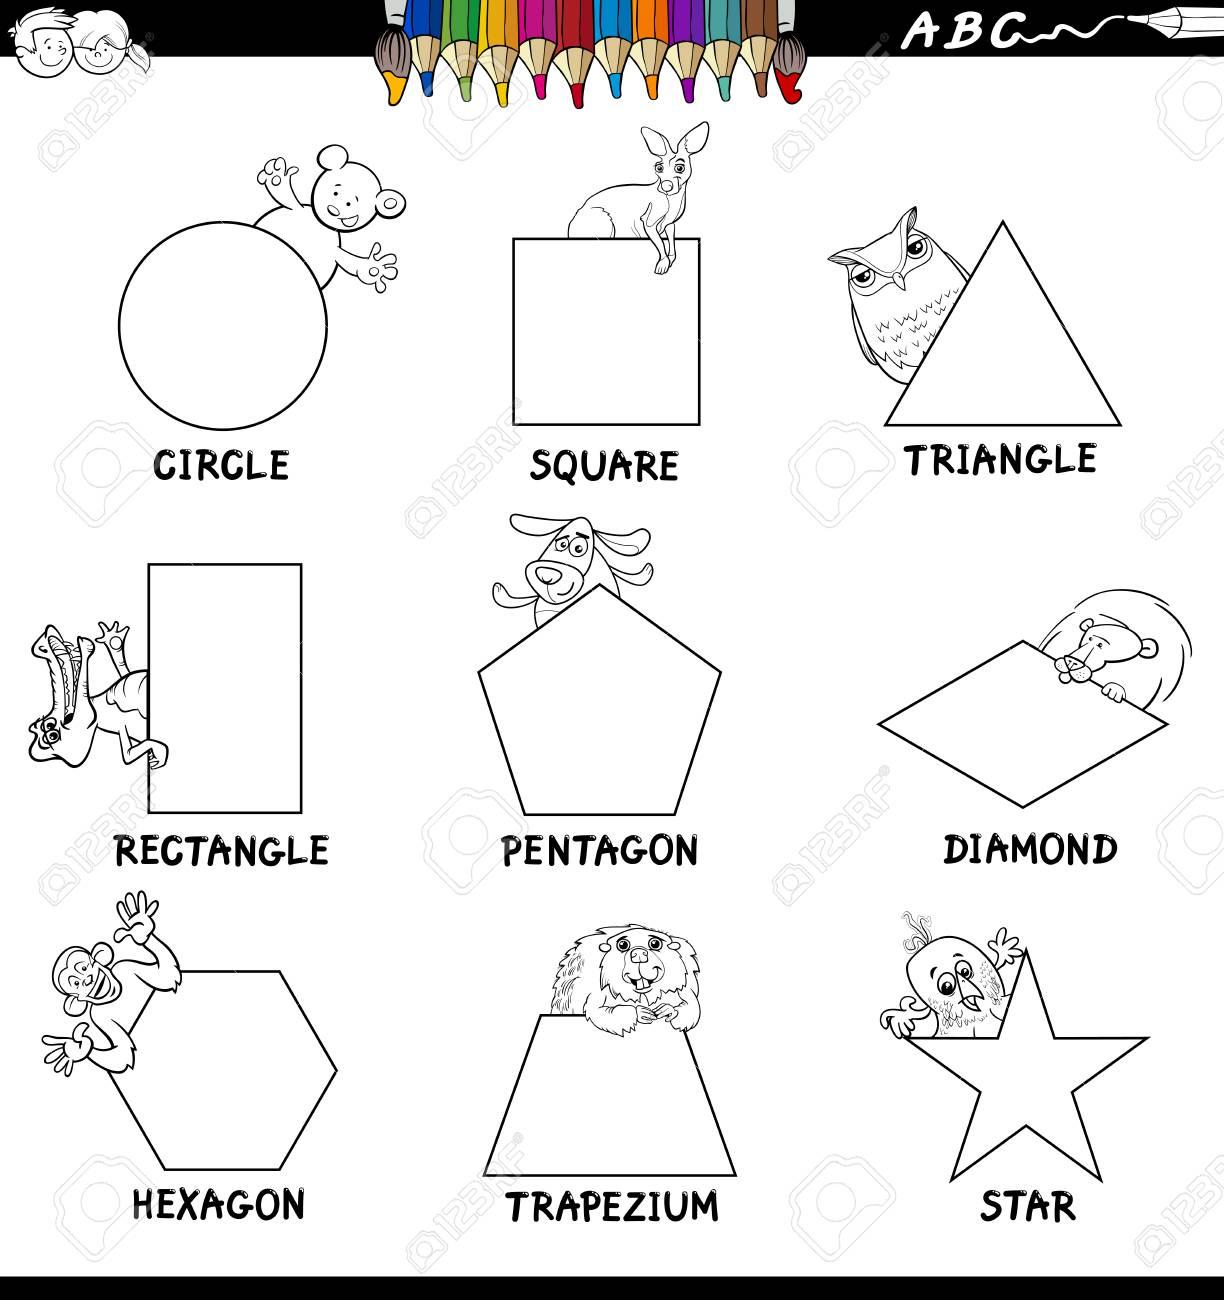 Black and White Cartoon Illustration of Basic Shapes Educational...